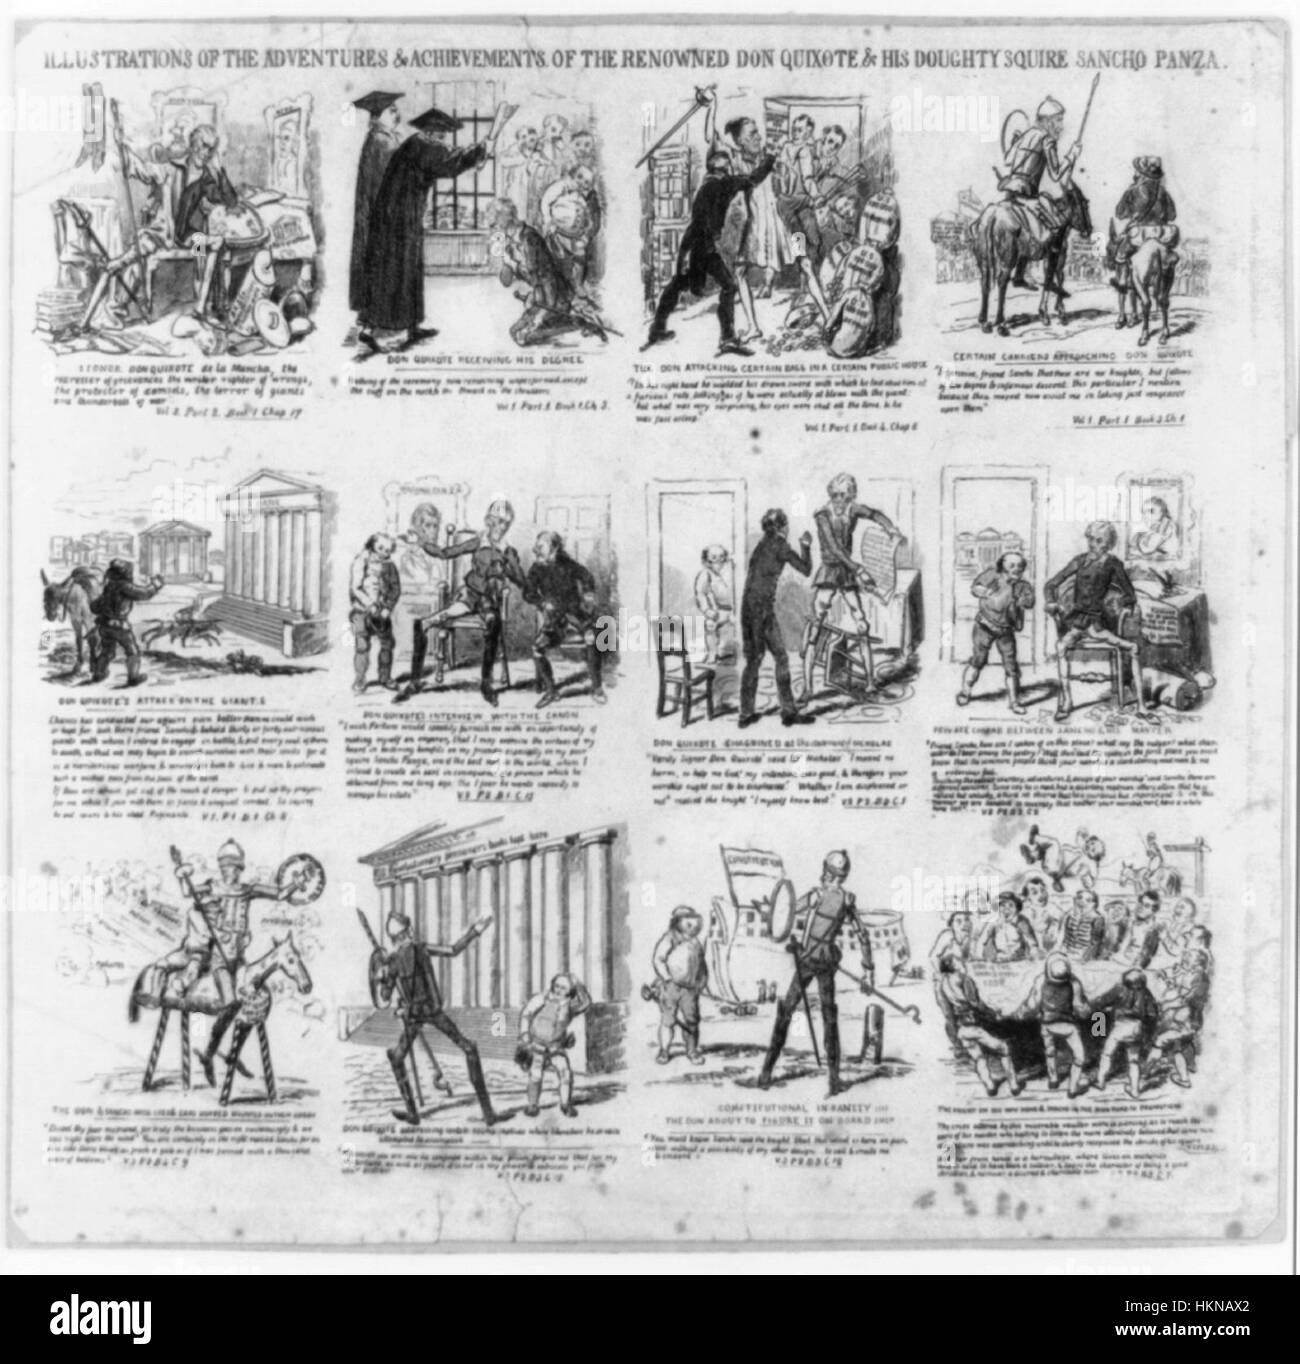 1837 DonQuixote byDClaypooleJohnston LibraryOfCongress - Stock Image